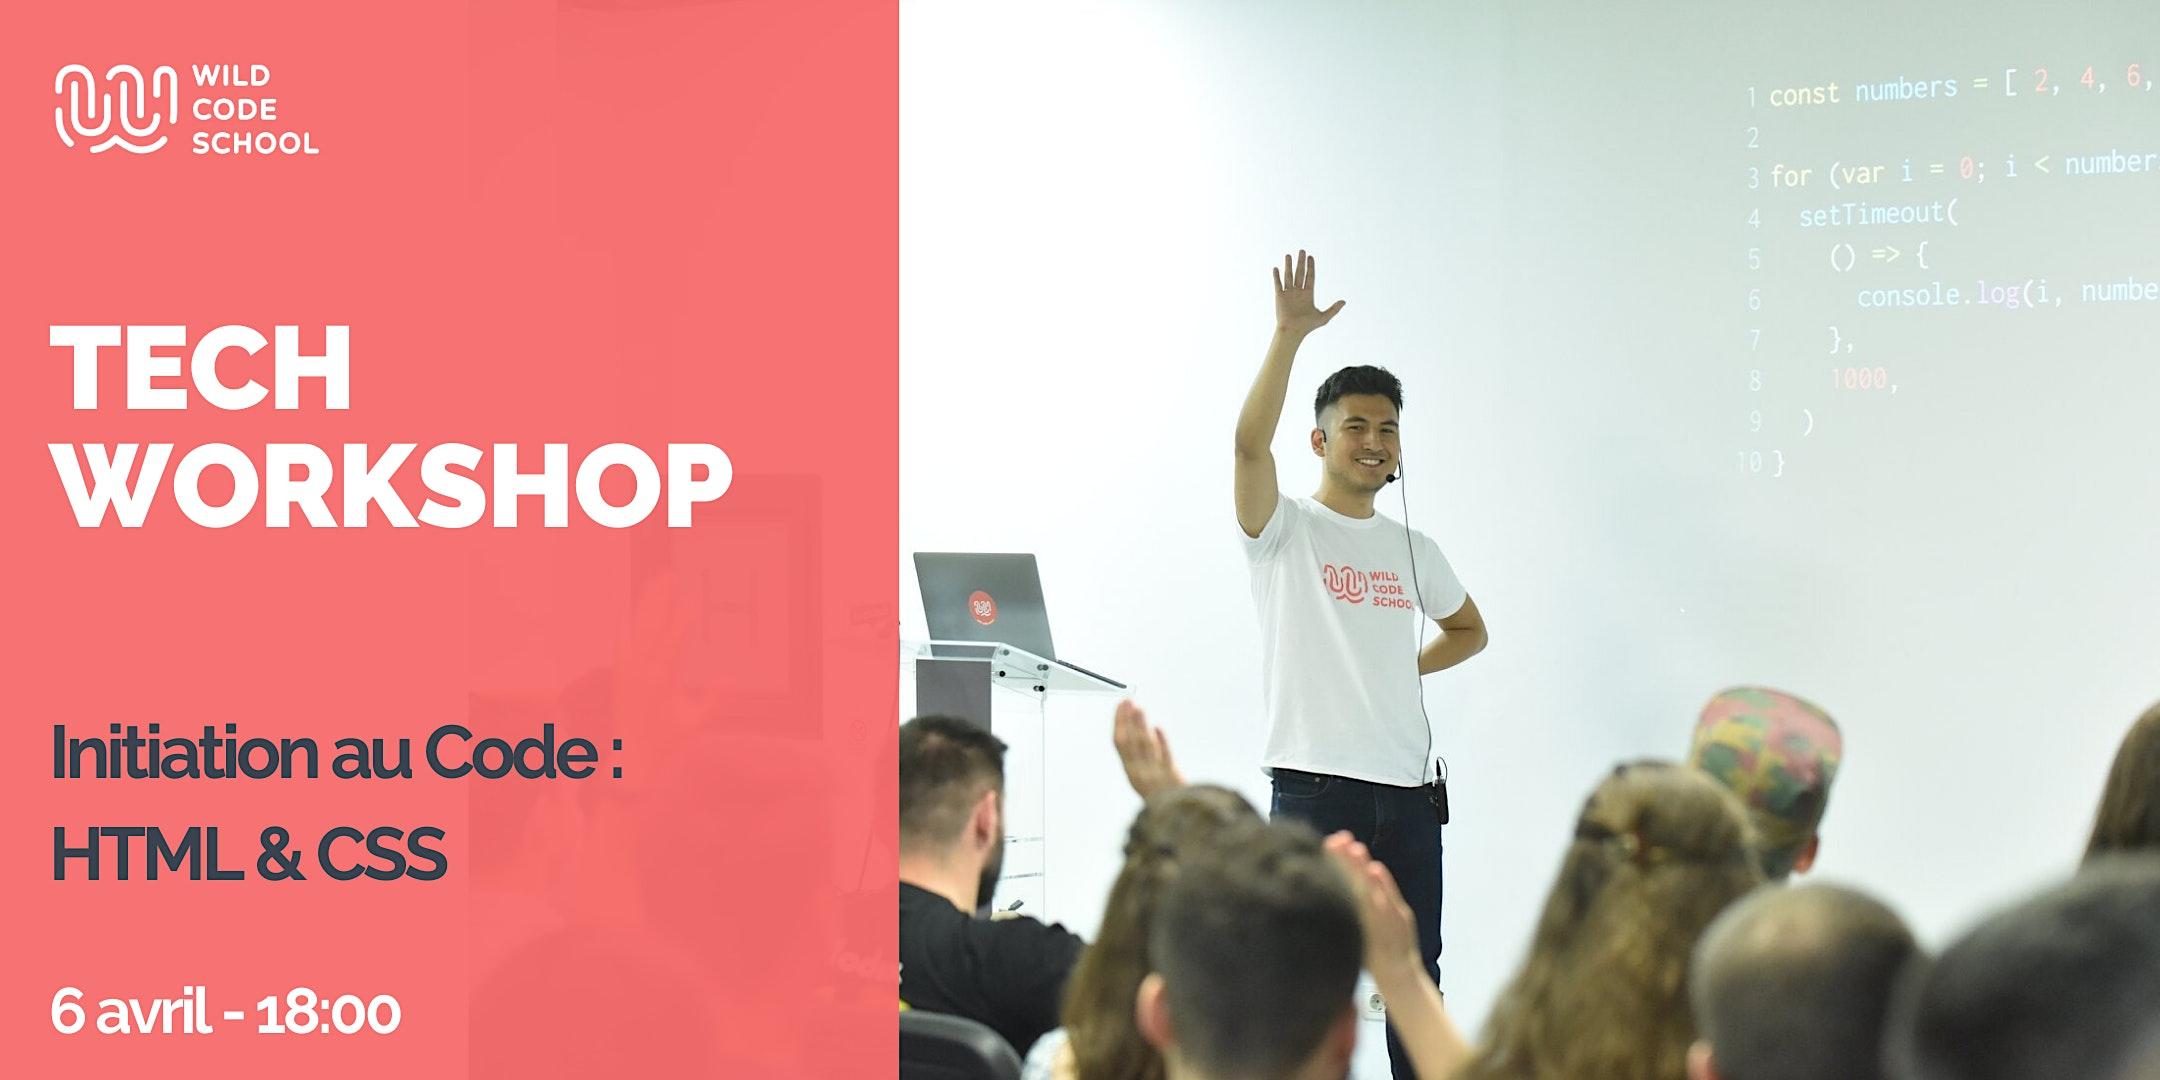 Tech Workshop - Initiation au Code : HTML & CSS